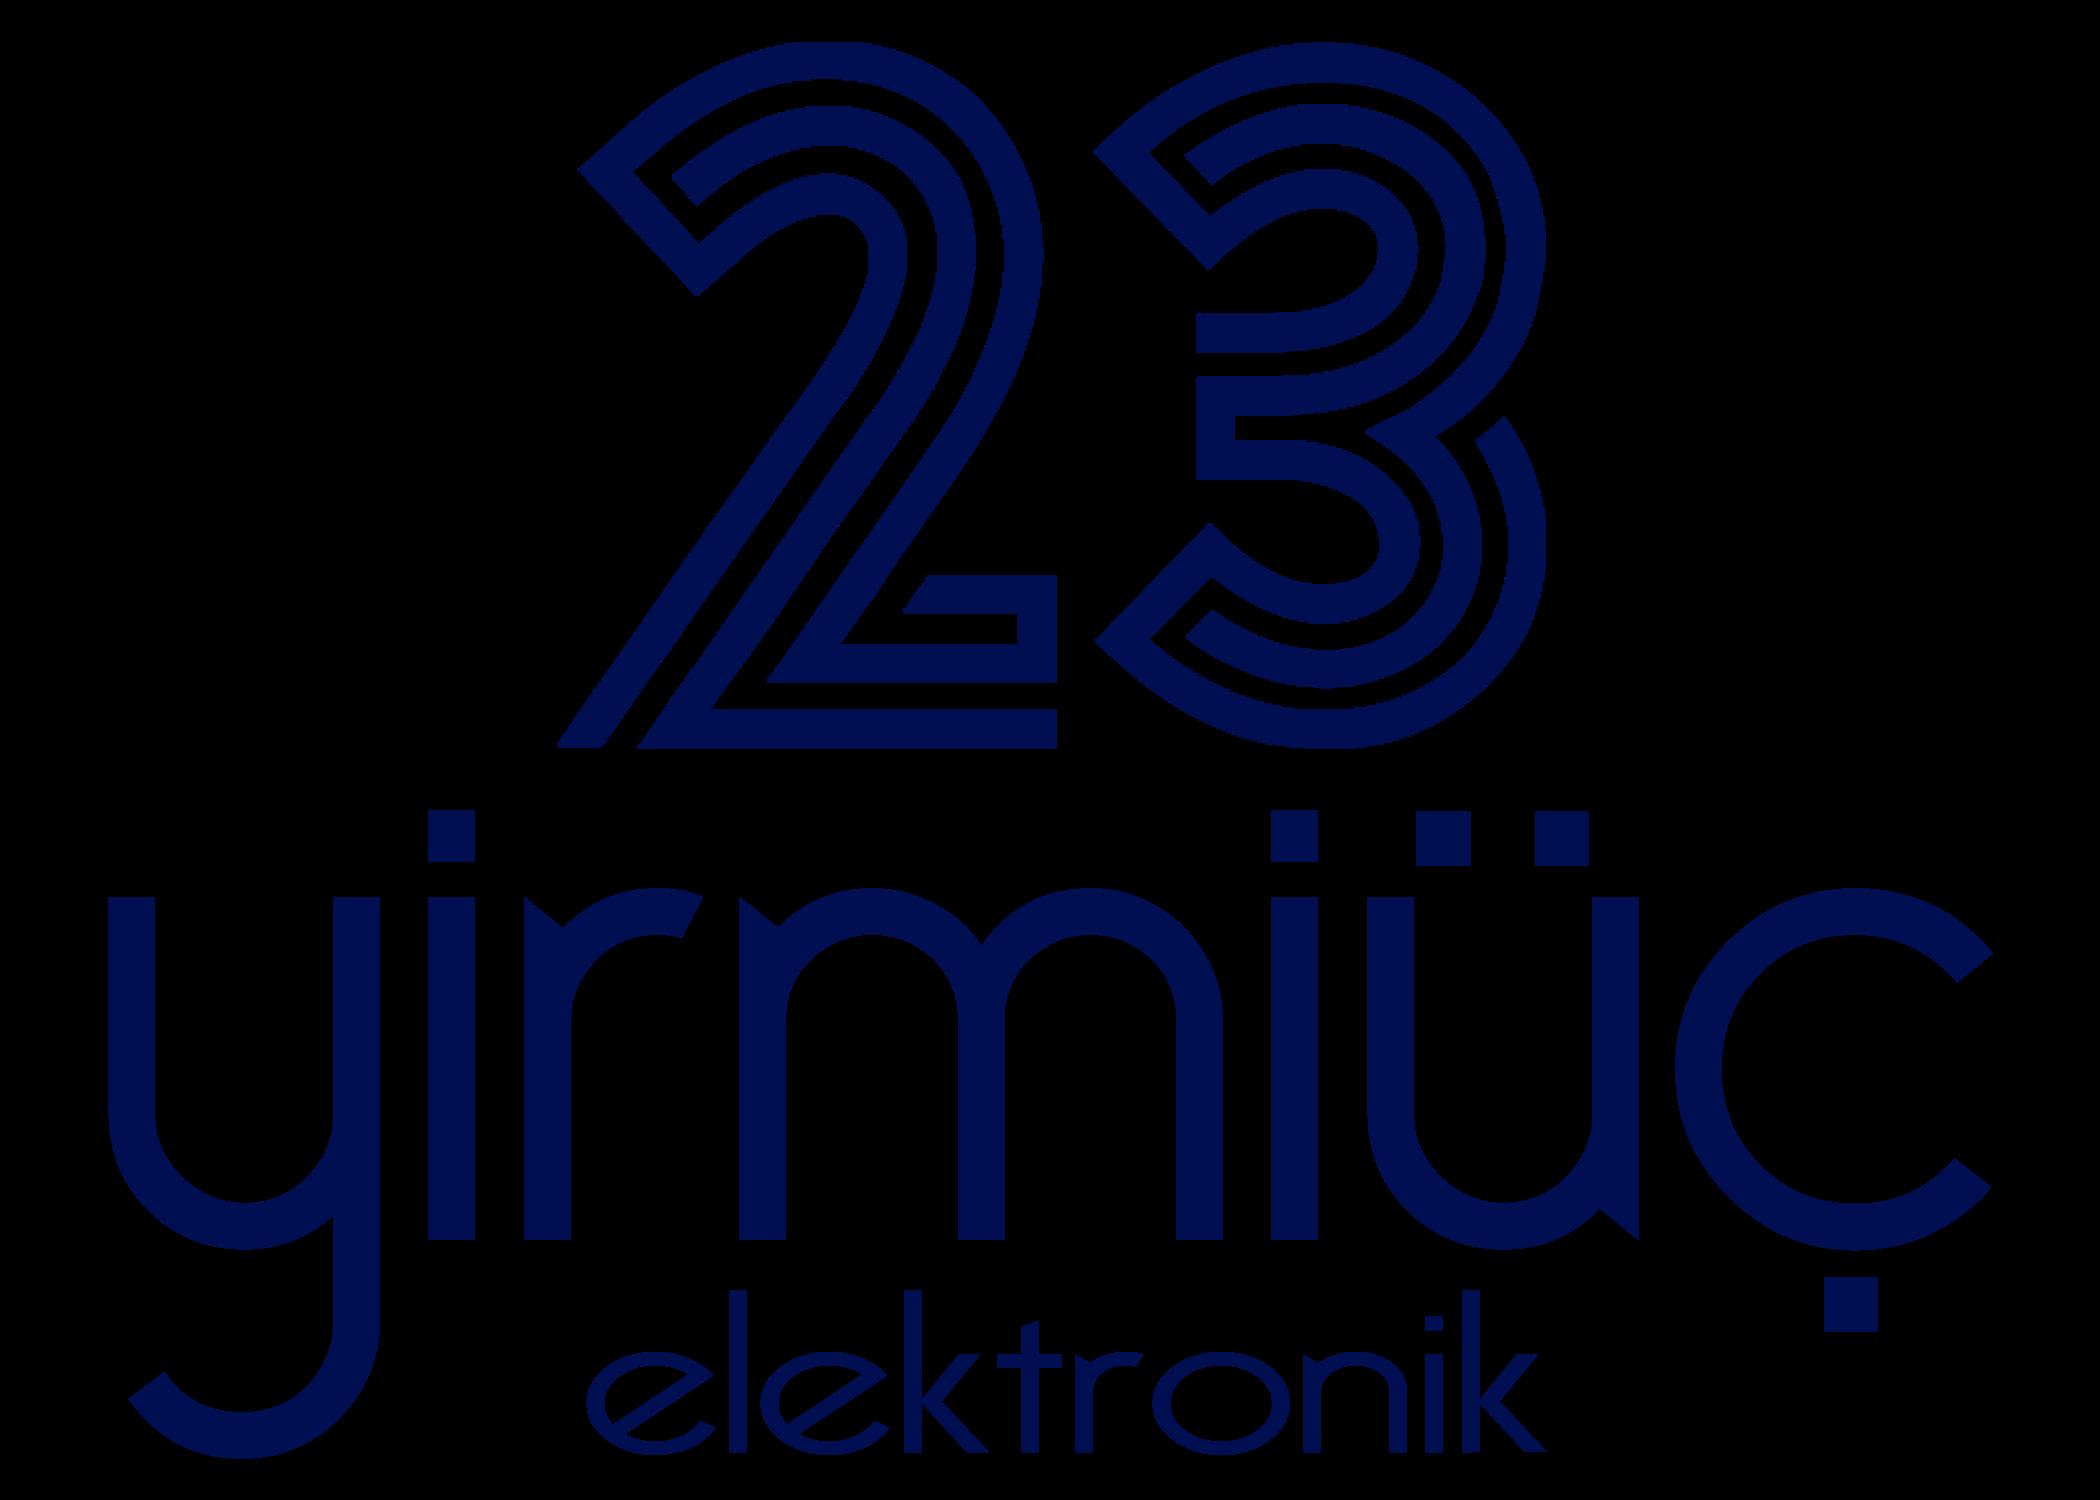 logo23yeni11 9020